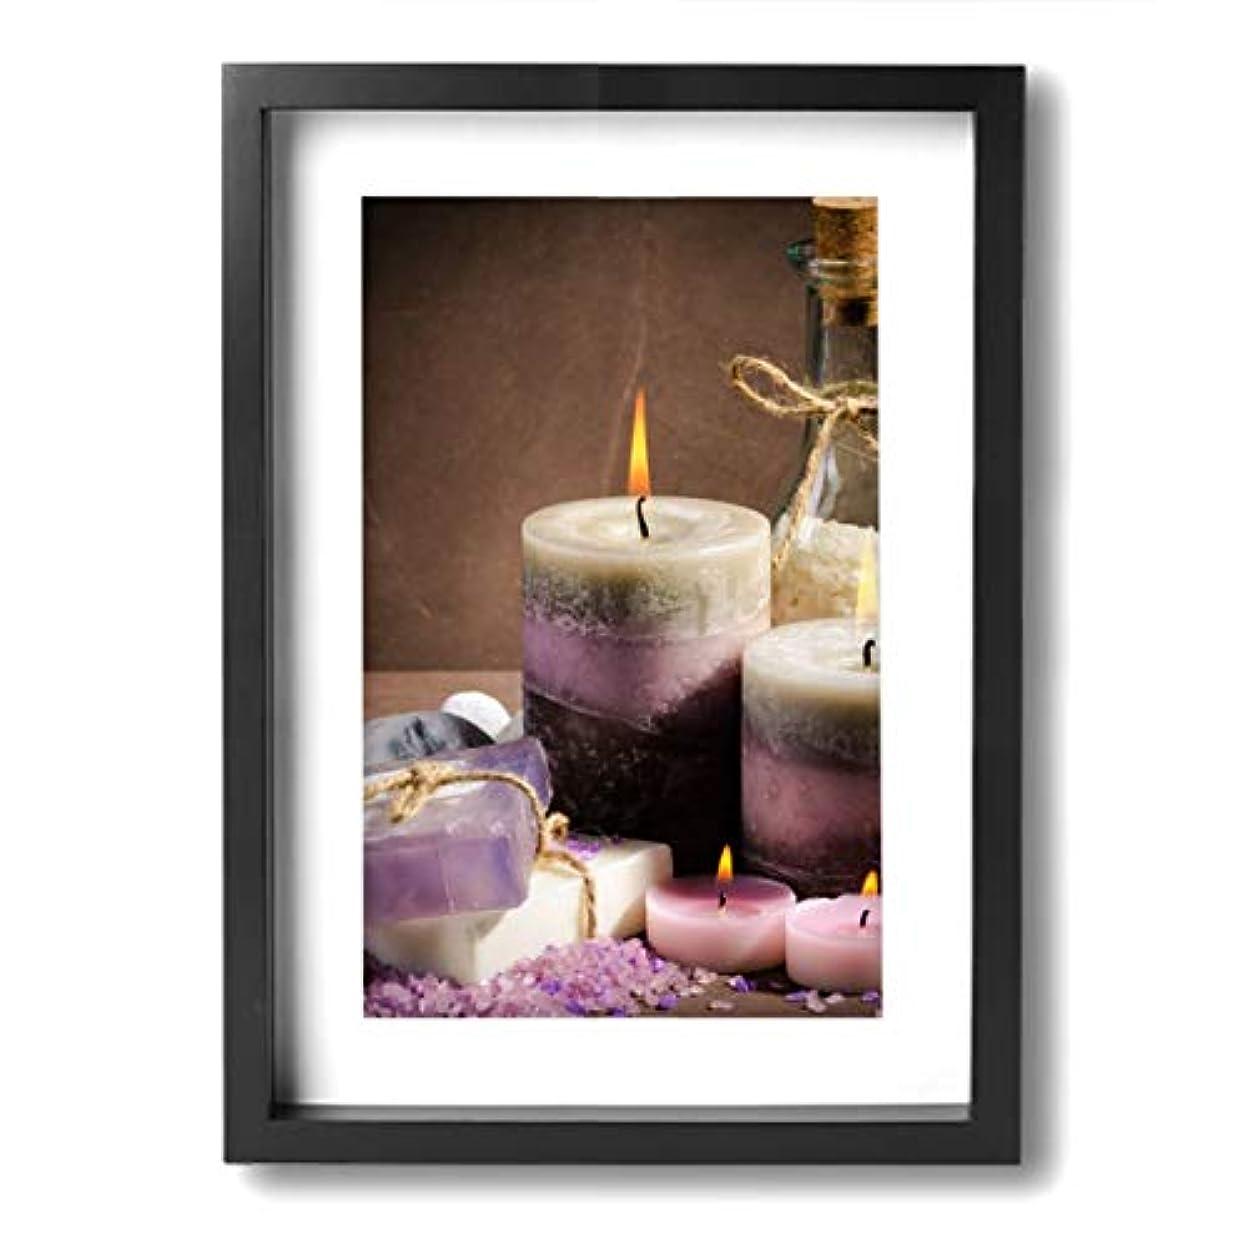 噛む姓理解する魅力的な芸術 20x30cm Spa Purple Color Candle Oil キャンバスの壁アート 画像プリント絵画リビングルームの壁の装飾と家の装飾のための現代アートワークハングする準備ができて